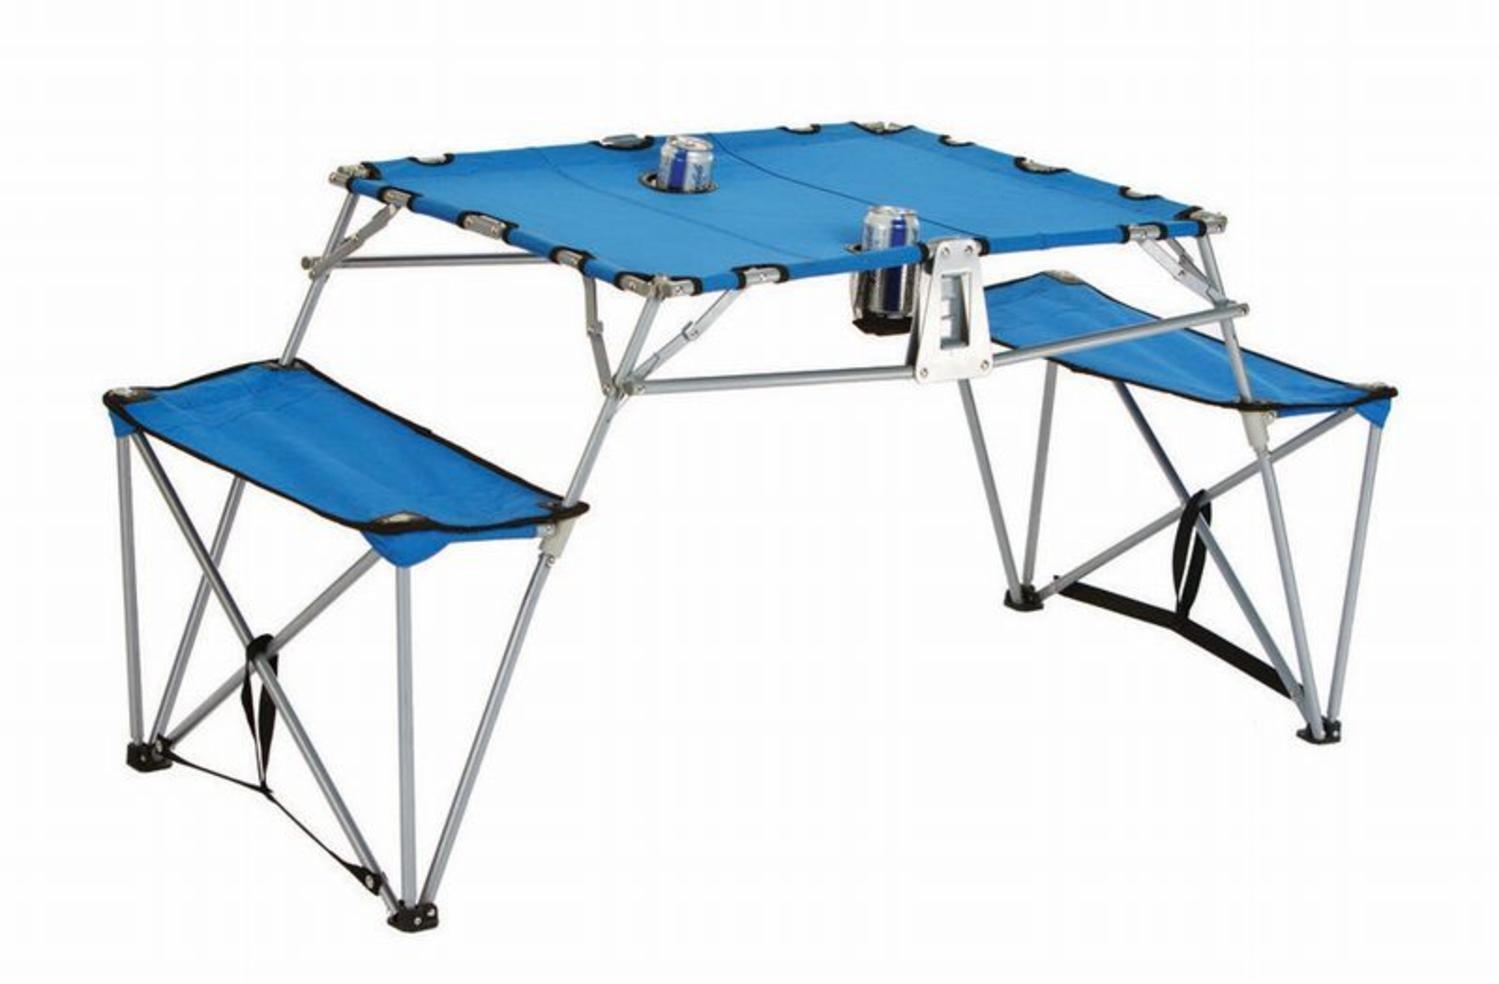 ポータブル折畳テーブルとベンチwith Cupholdersバックパックset-blue B00L49K2A4